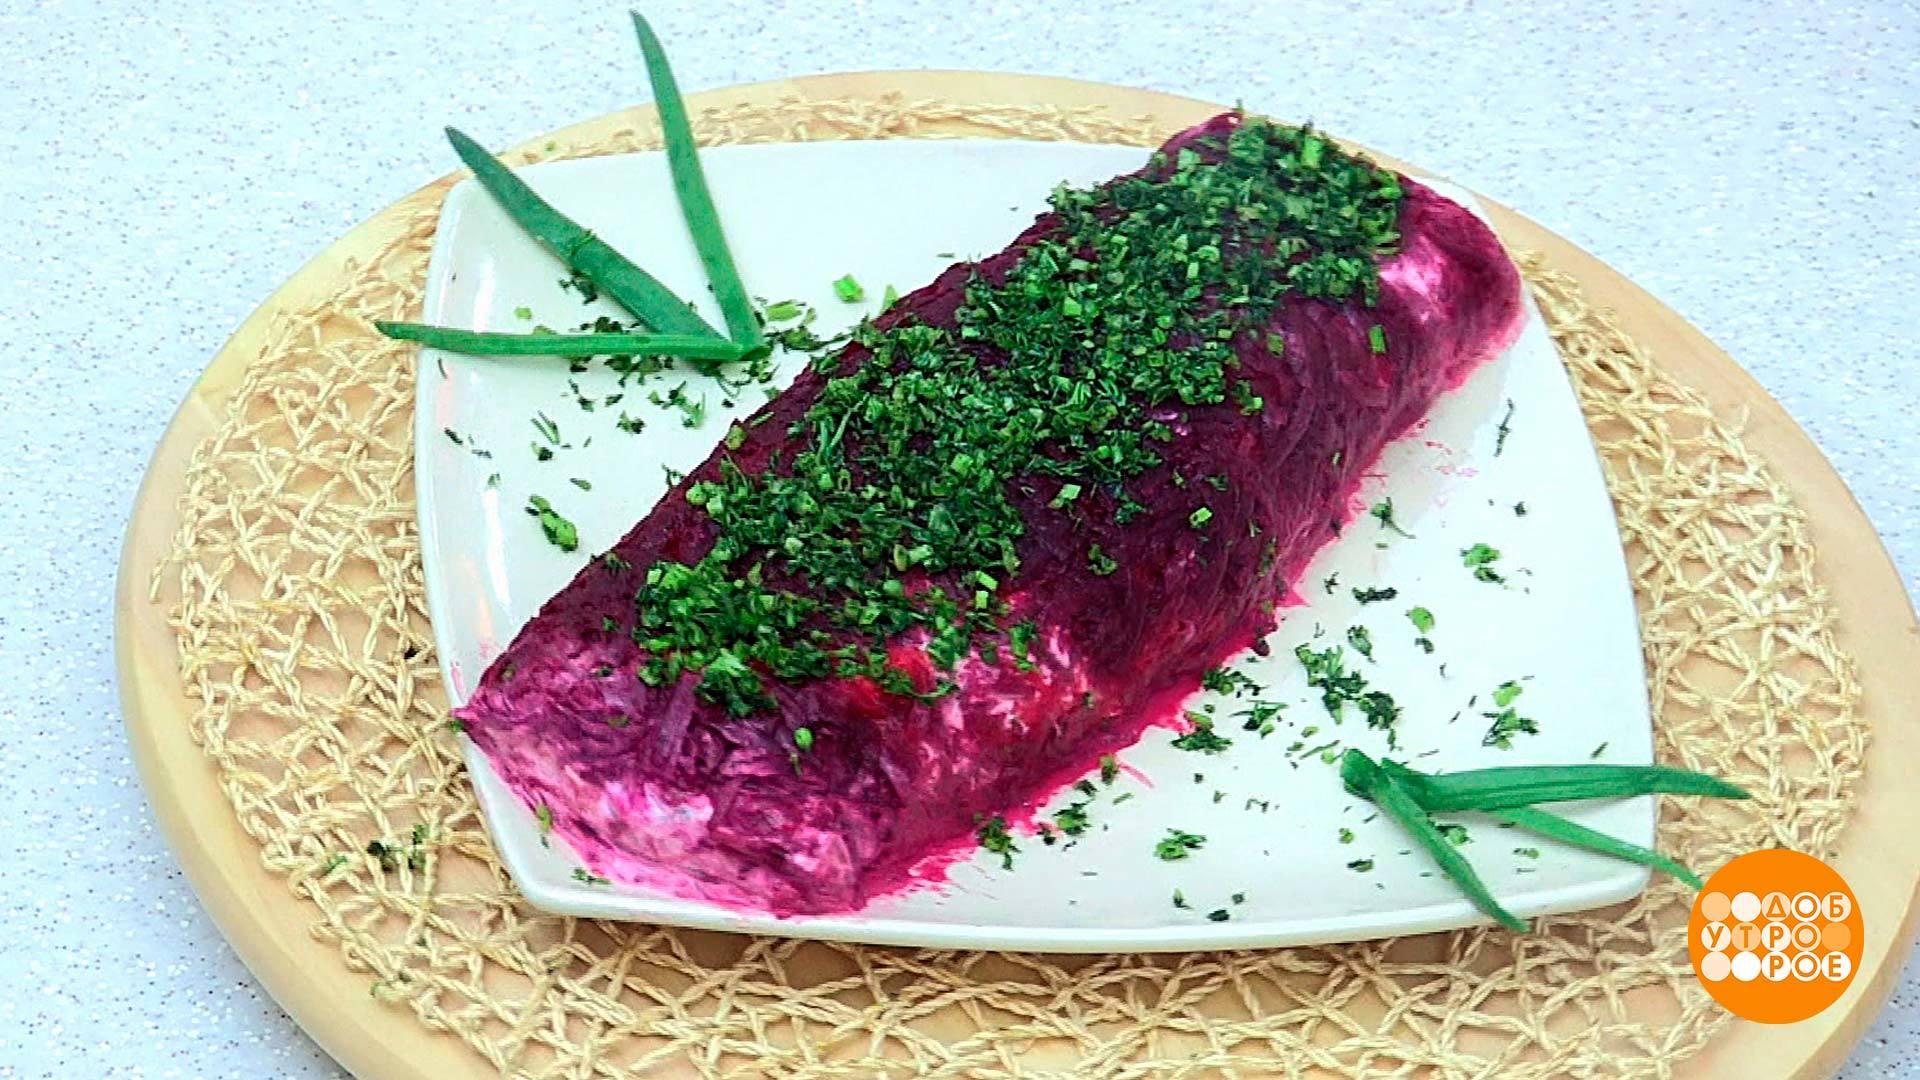 Обыкновенный салат селедка под шубой рецепт